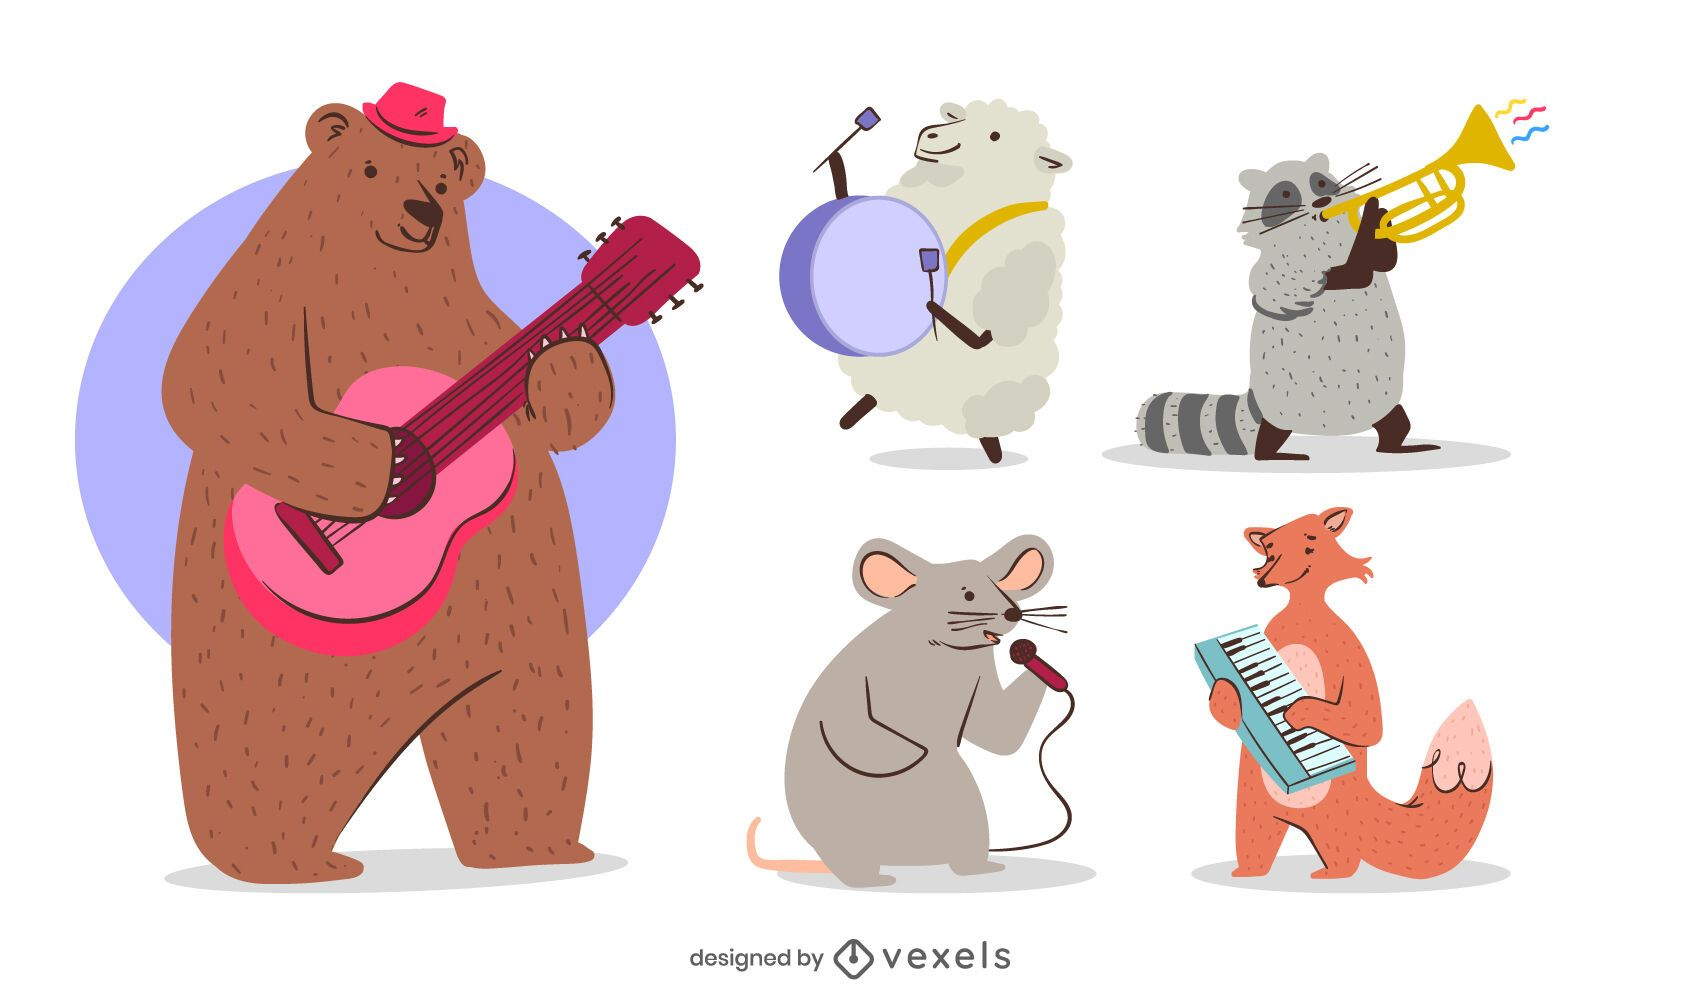 Diseño de personajes de animales musicales